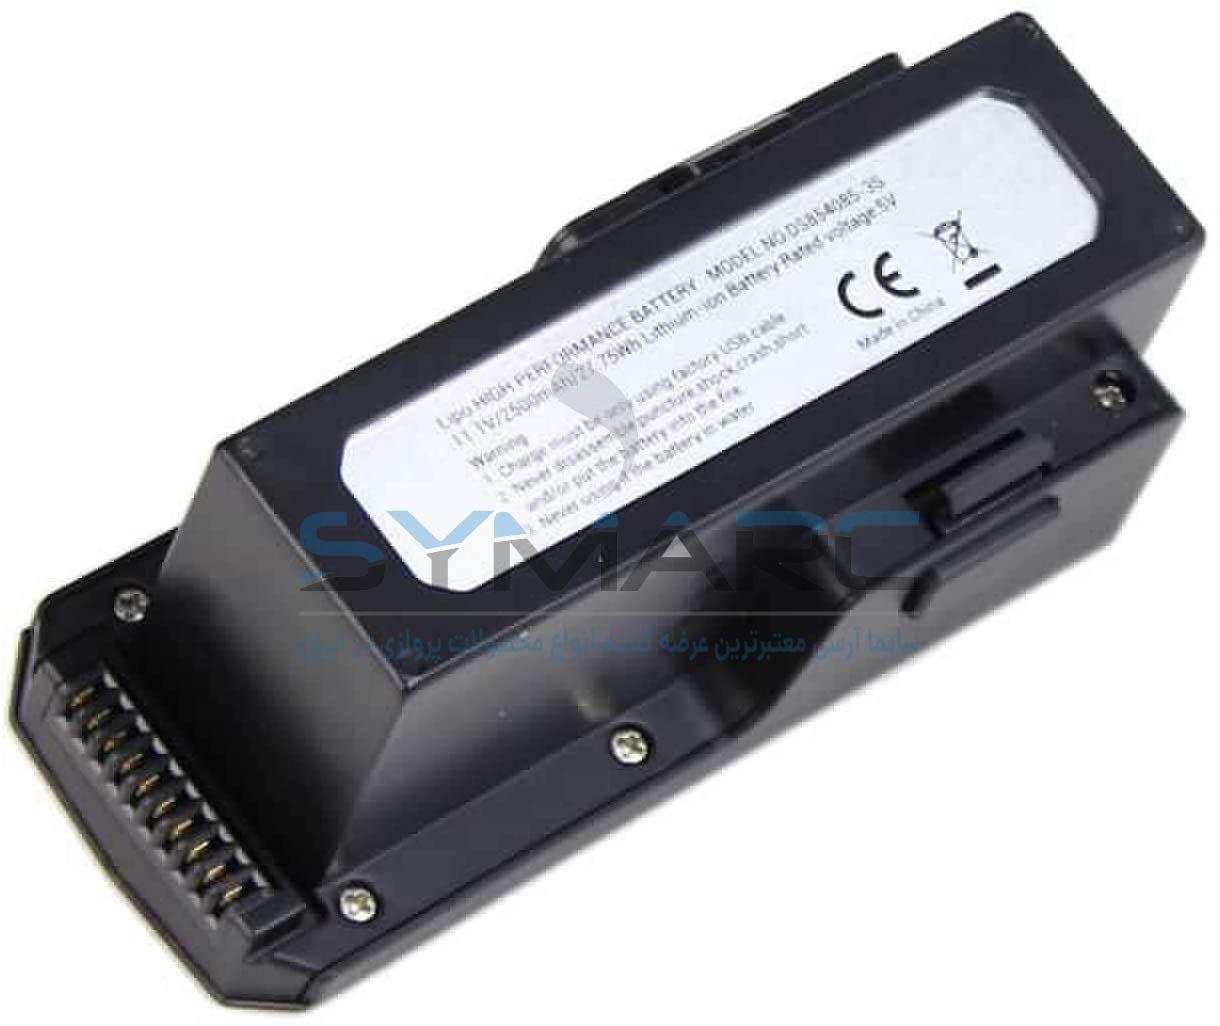 خرید باتری کوادکوپتر SJRC F11 PRO | قیمت باتری کوادکوپتر SJRC F11 PRO | مشخصات باتری کوادکوپتر SJRC F11 PRO | باتری کوادکوپتر F11 PRO برند SJRC